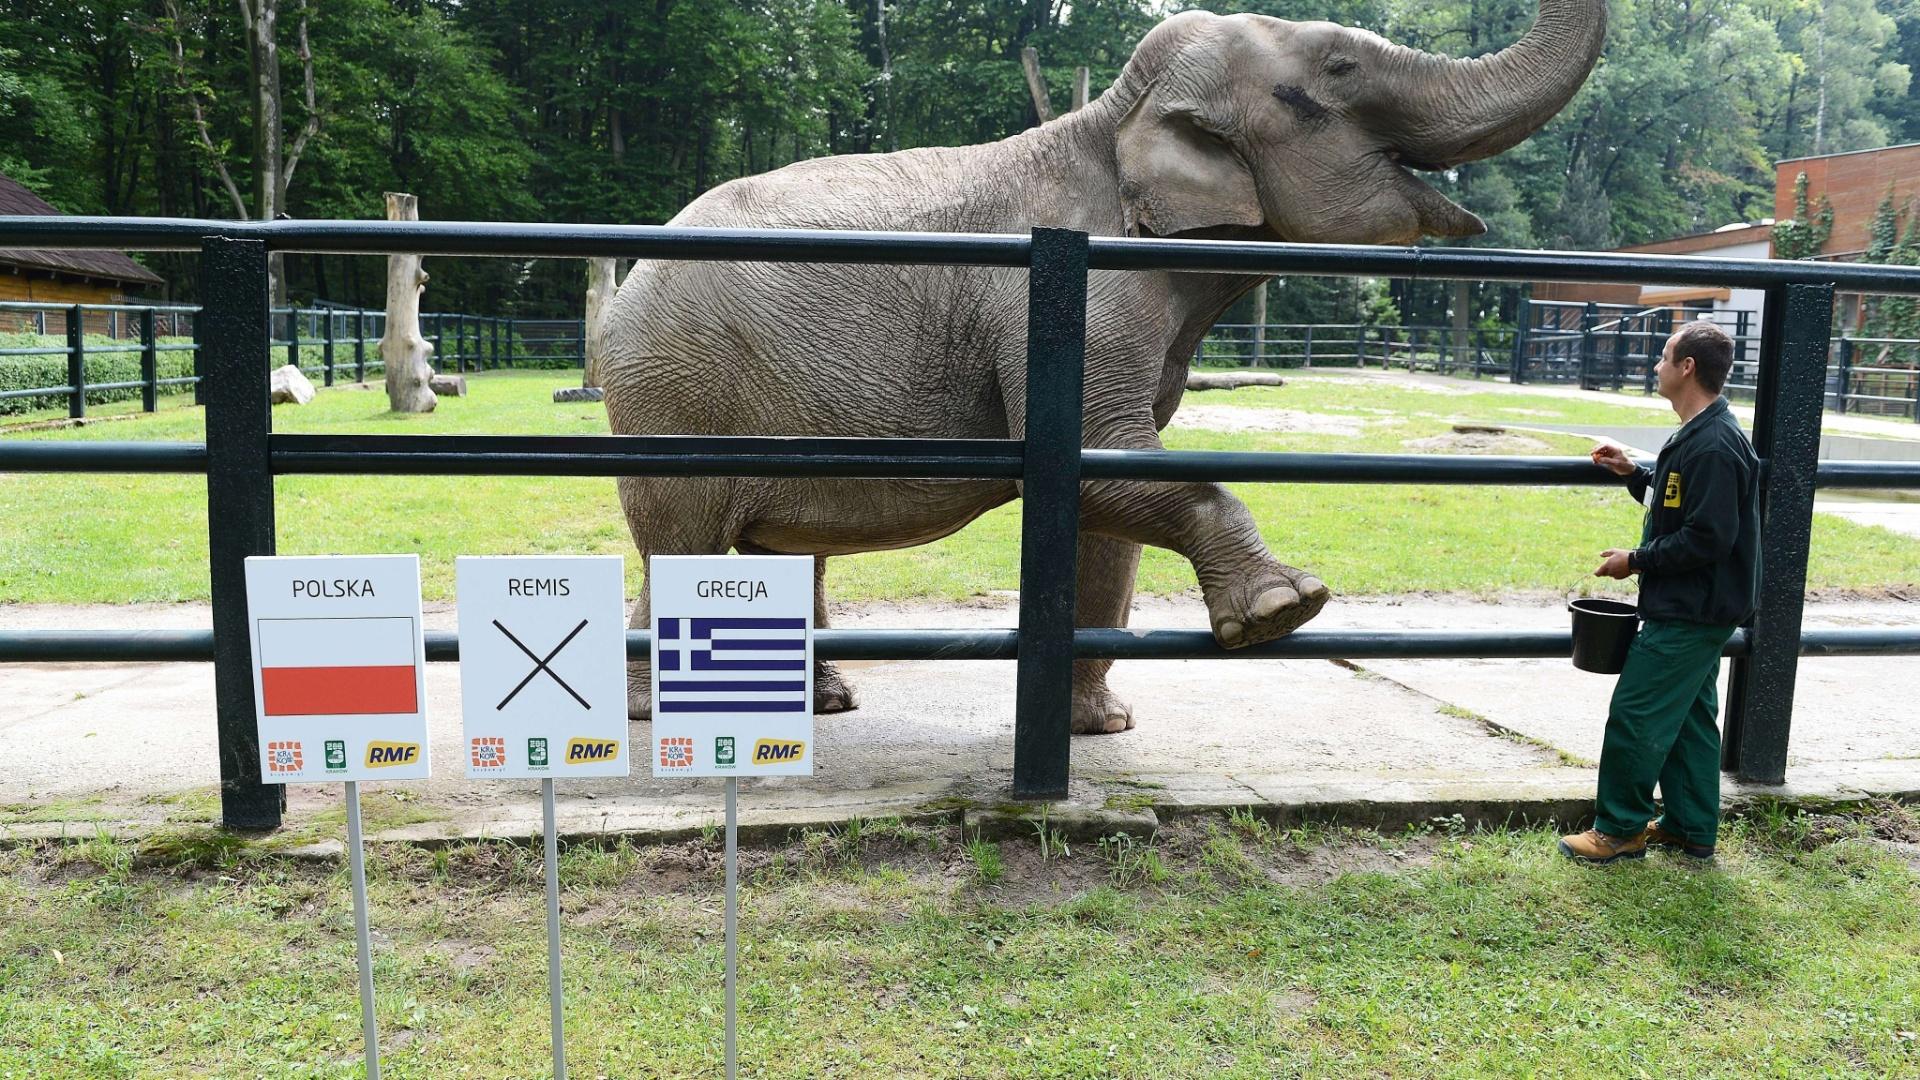 Citta tem 33 anos e já acertou que o Chelsea venceria o Bayern de Munique na final da Liga dos Campeões. A elefanta vive no zoológico da Cracóvia, na Polônia, e seu método de previsão é bem simples: ela escolhe um melão.